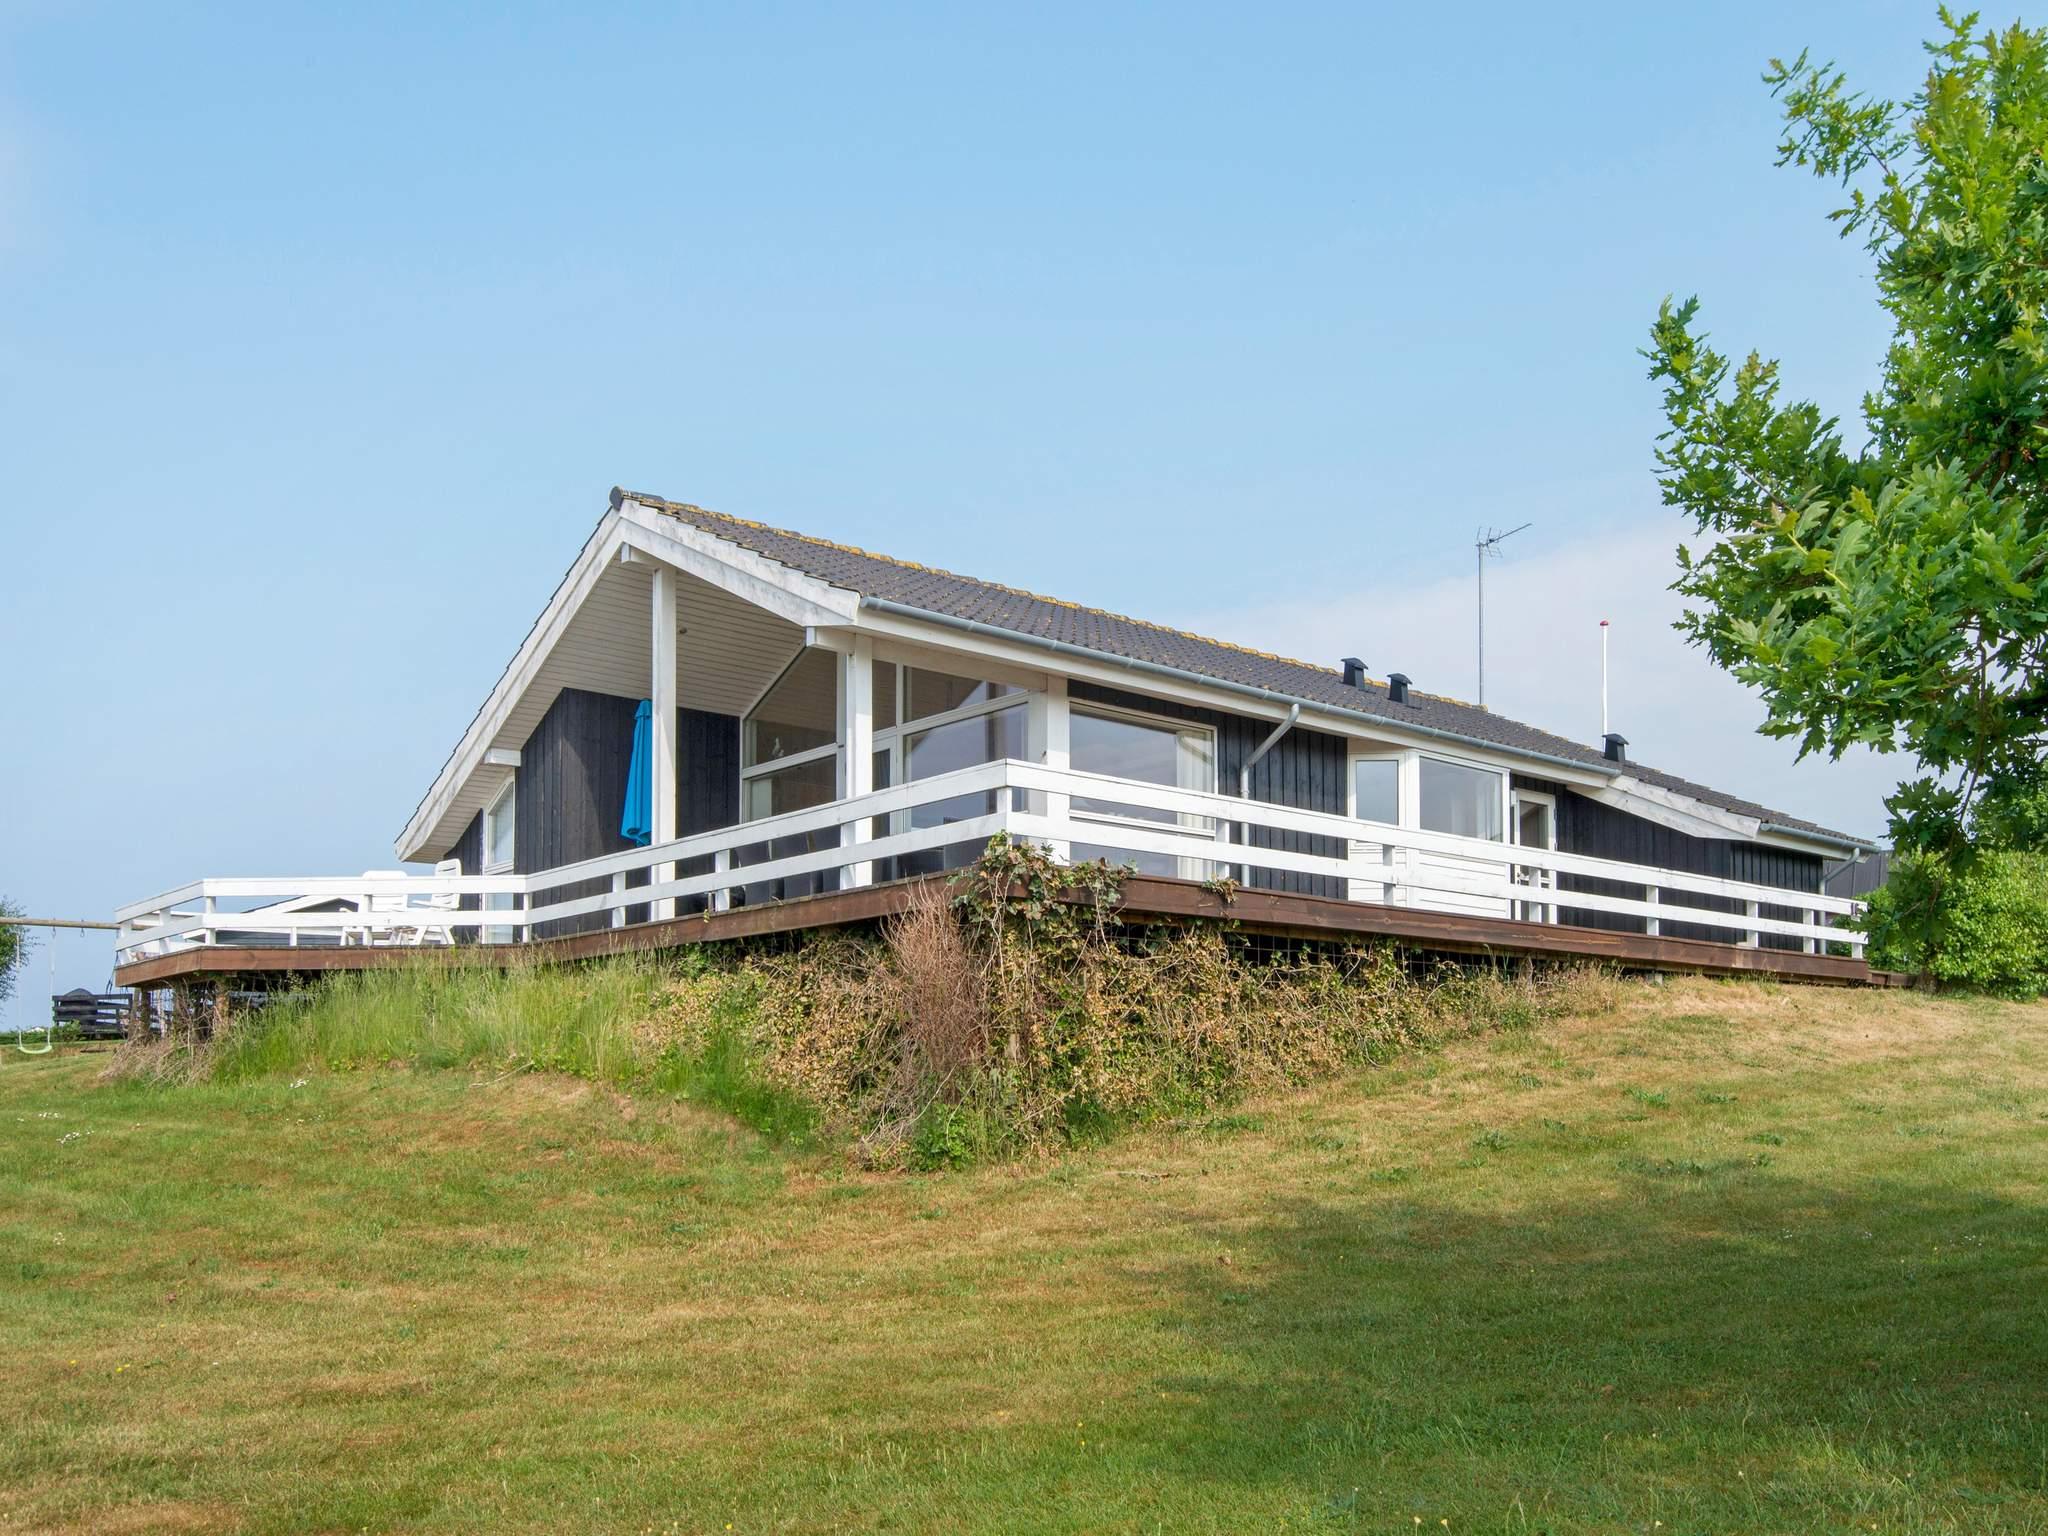 Ferienhaus Bønnerup Strand (601852), Bønnerup, , Ostjütland, Dänemark, Bild 24